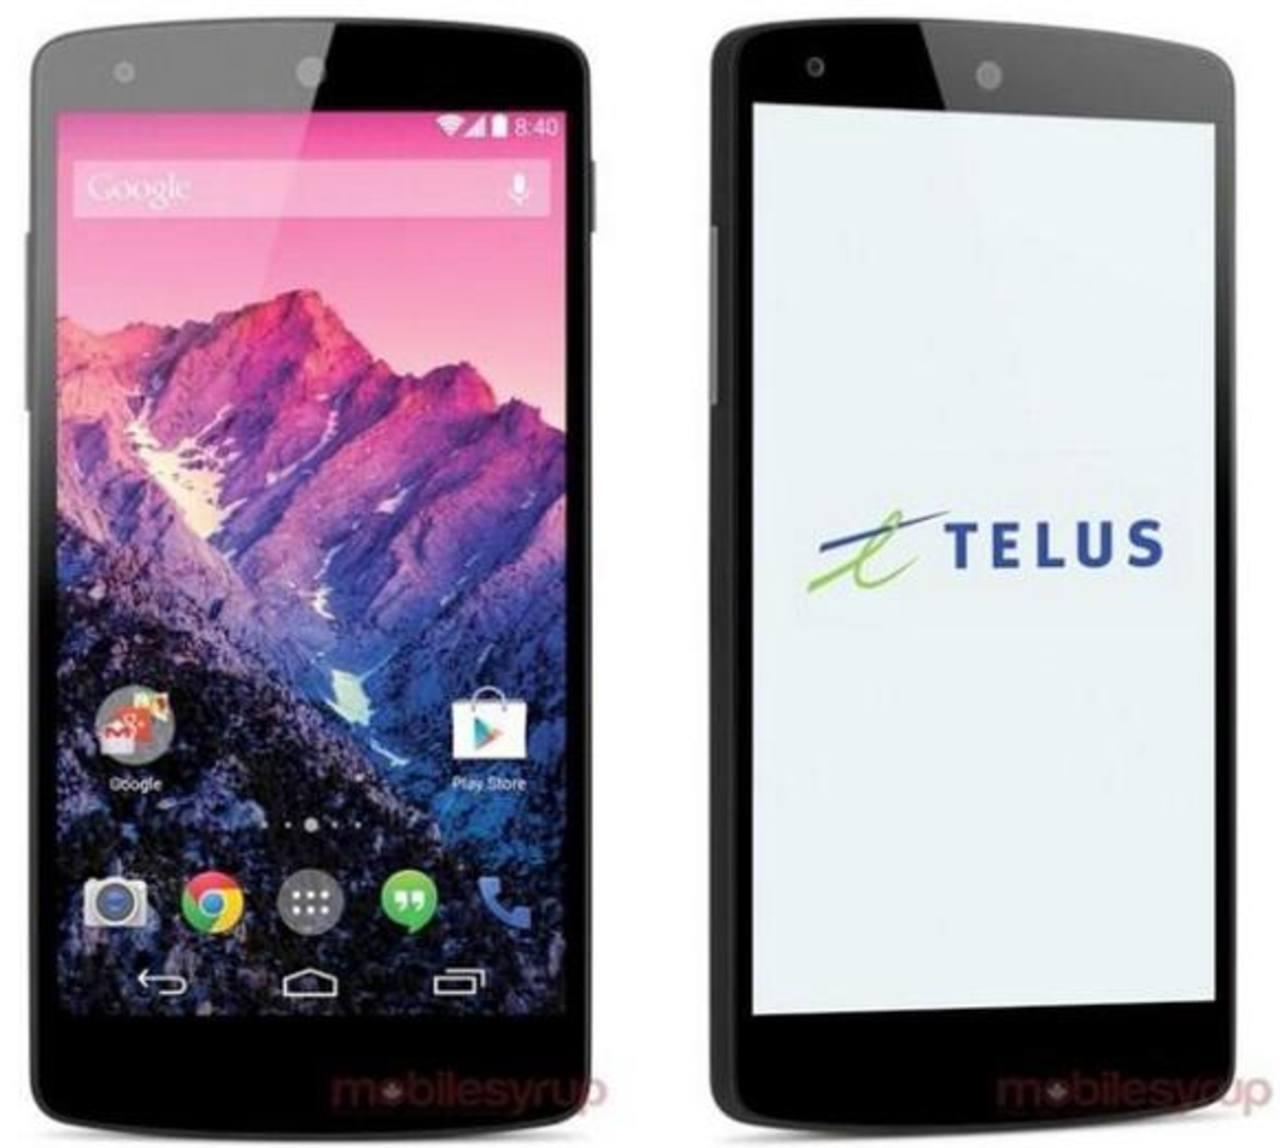 Google podría lanzar el Nexus 5 en los próximos días